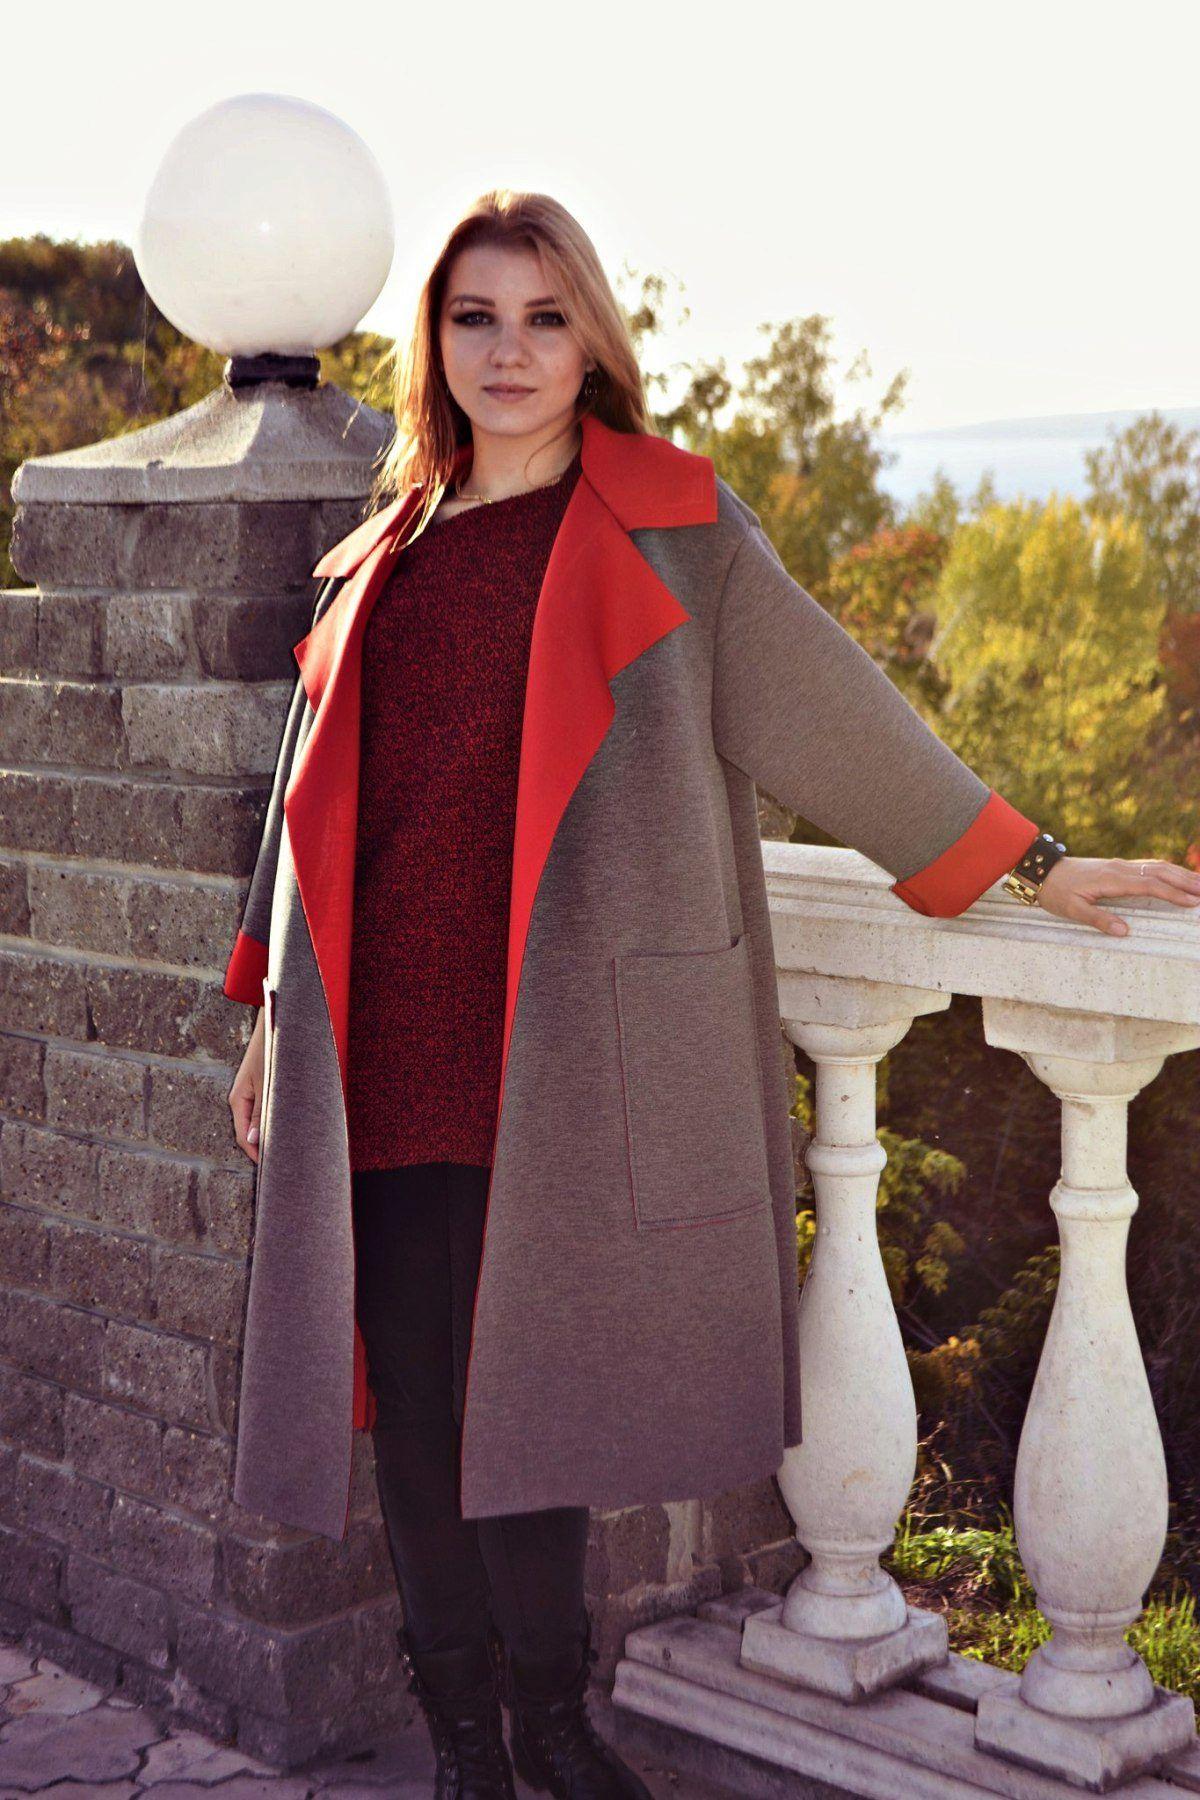 c6d6d9bbd0d3 Пальто из неопрена (76 фото)  модные коллекции дизайнеров, отзывы ...